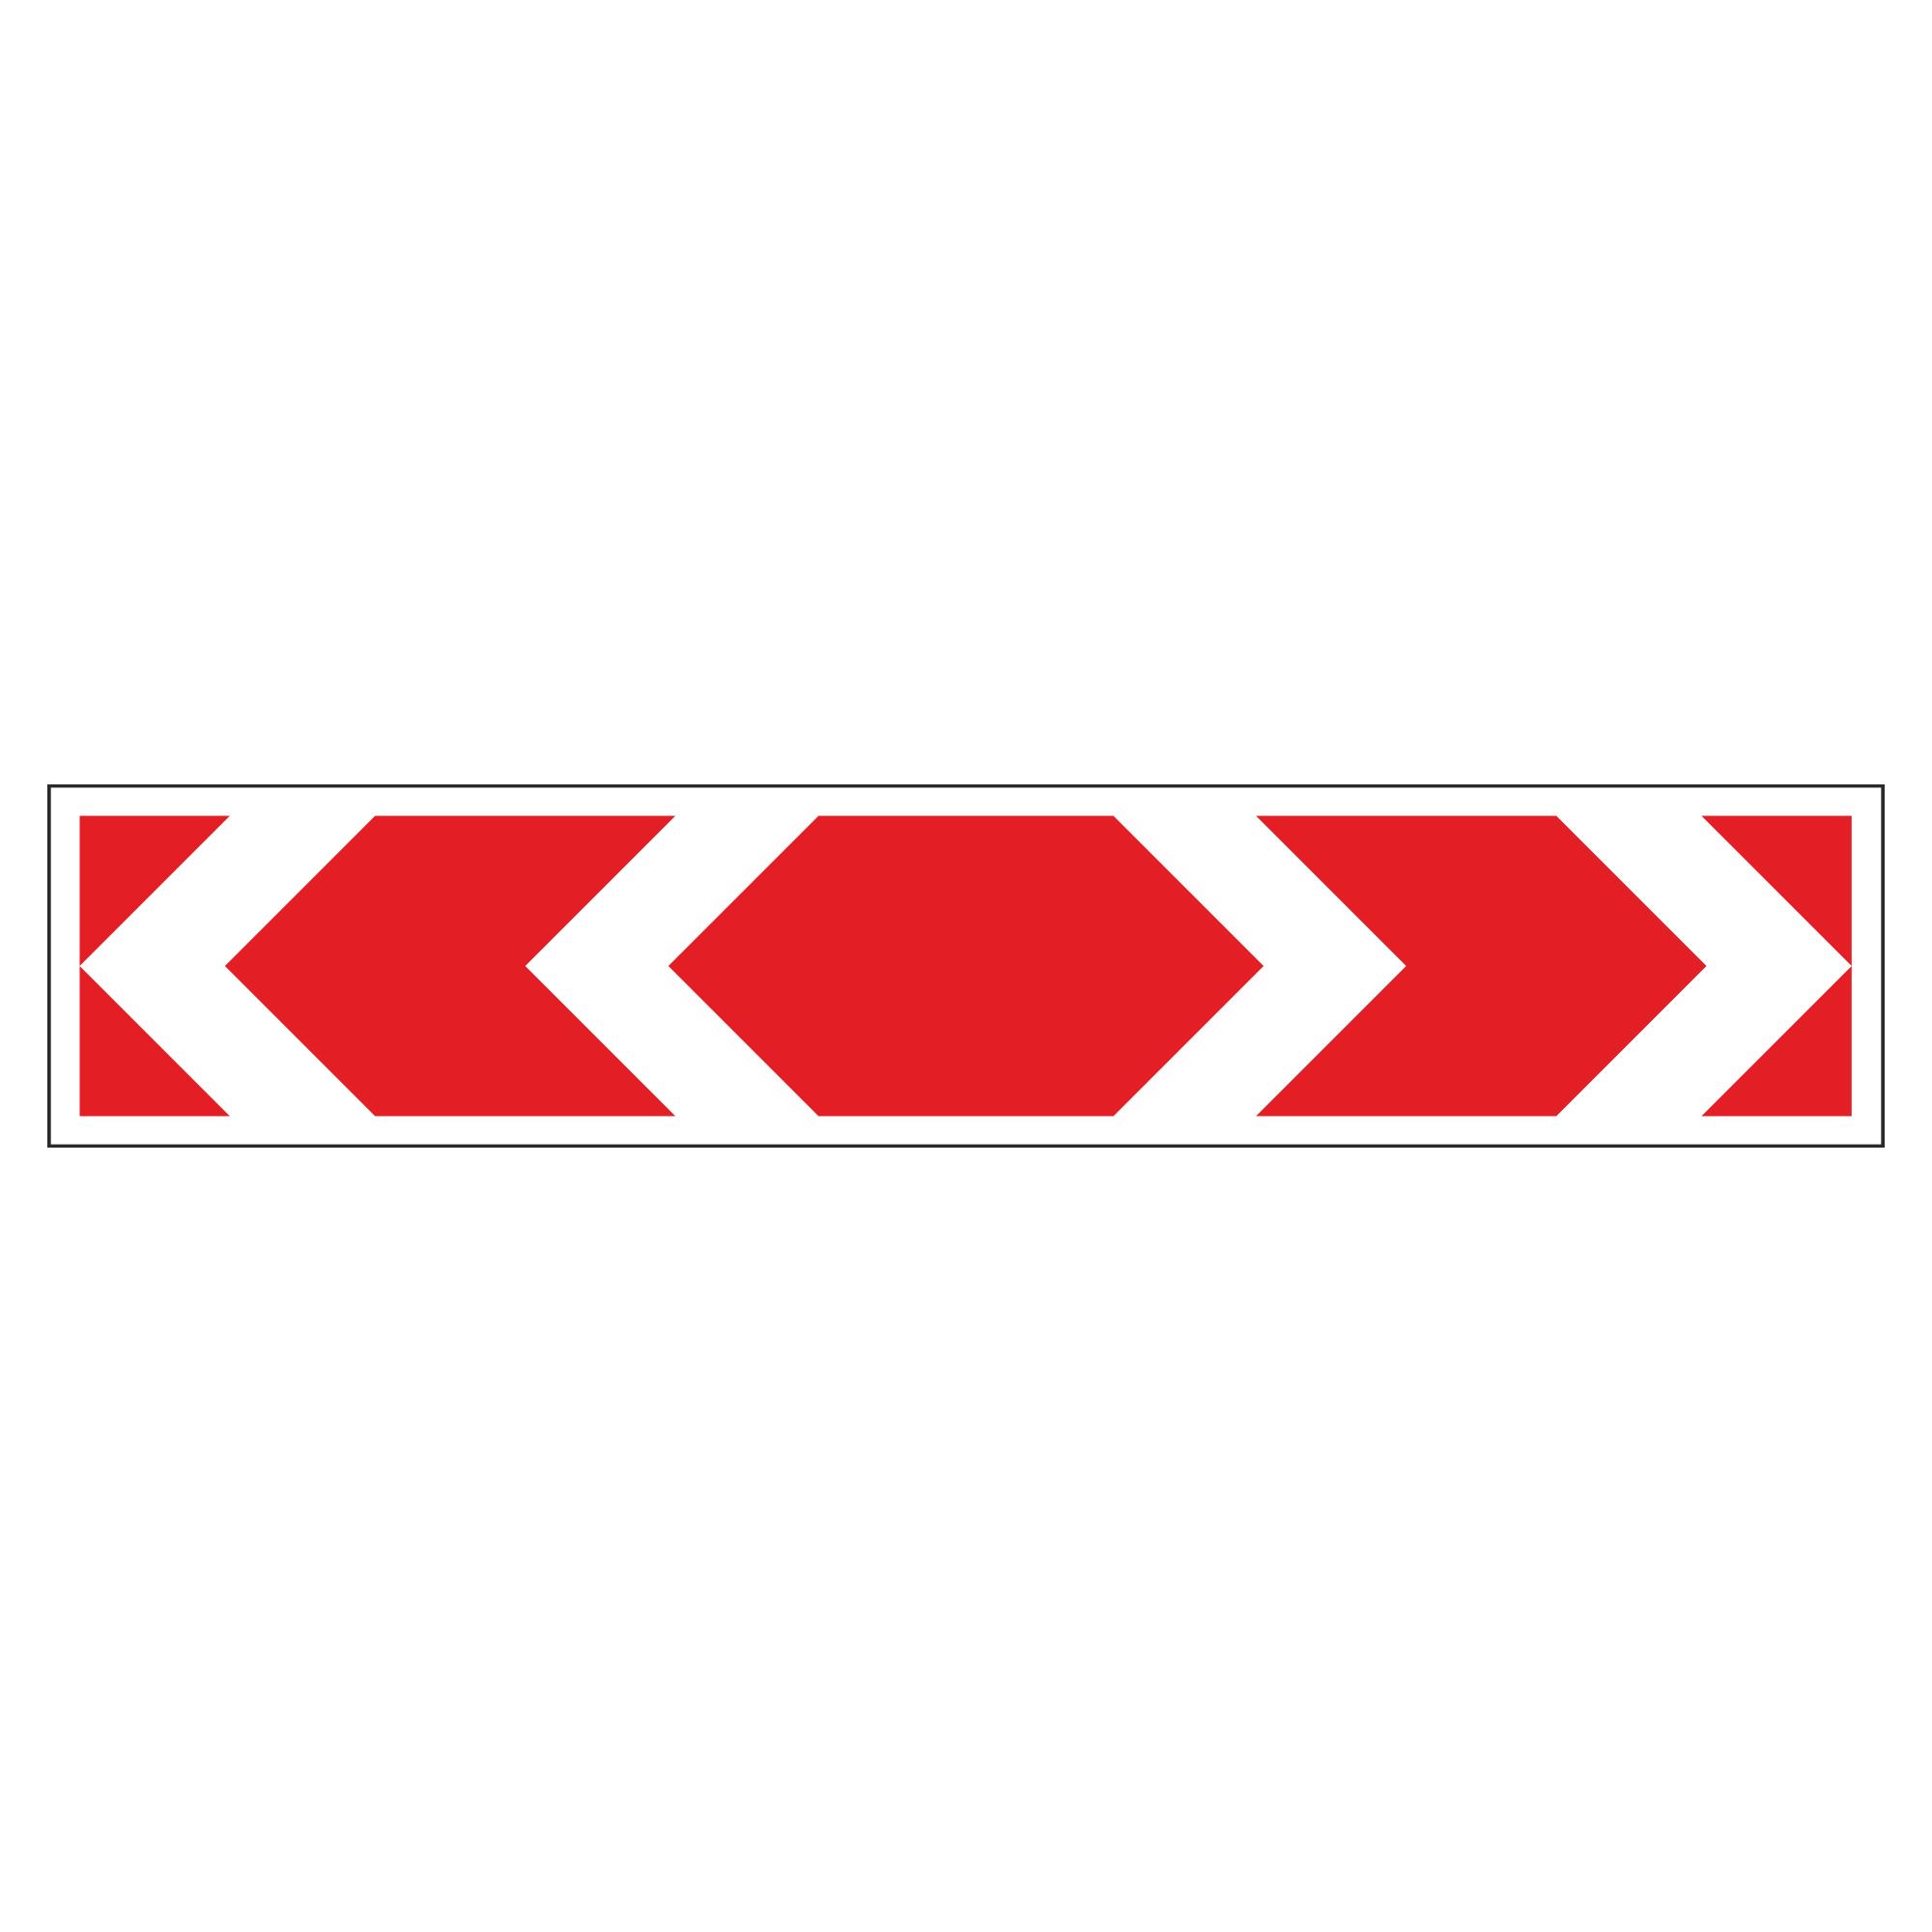 1.34.3 Направление поворота размер 2 (четыре стрелки)